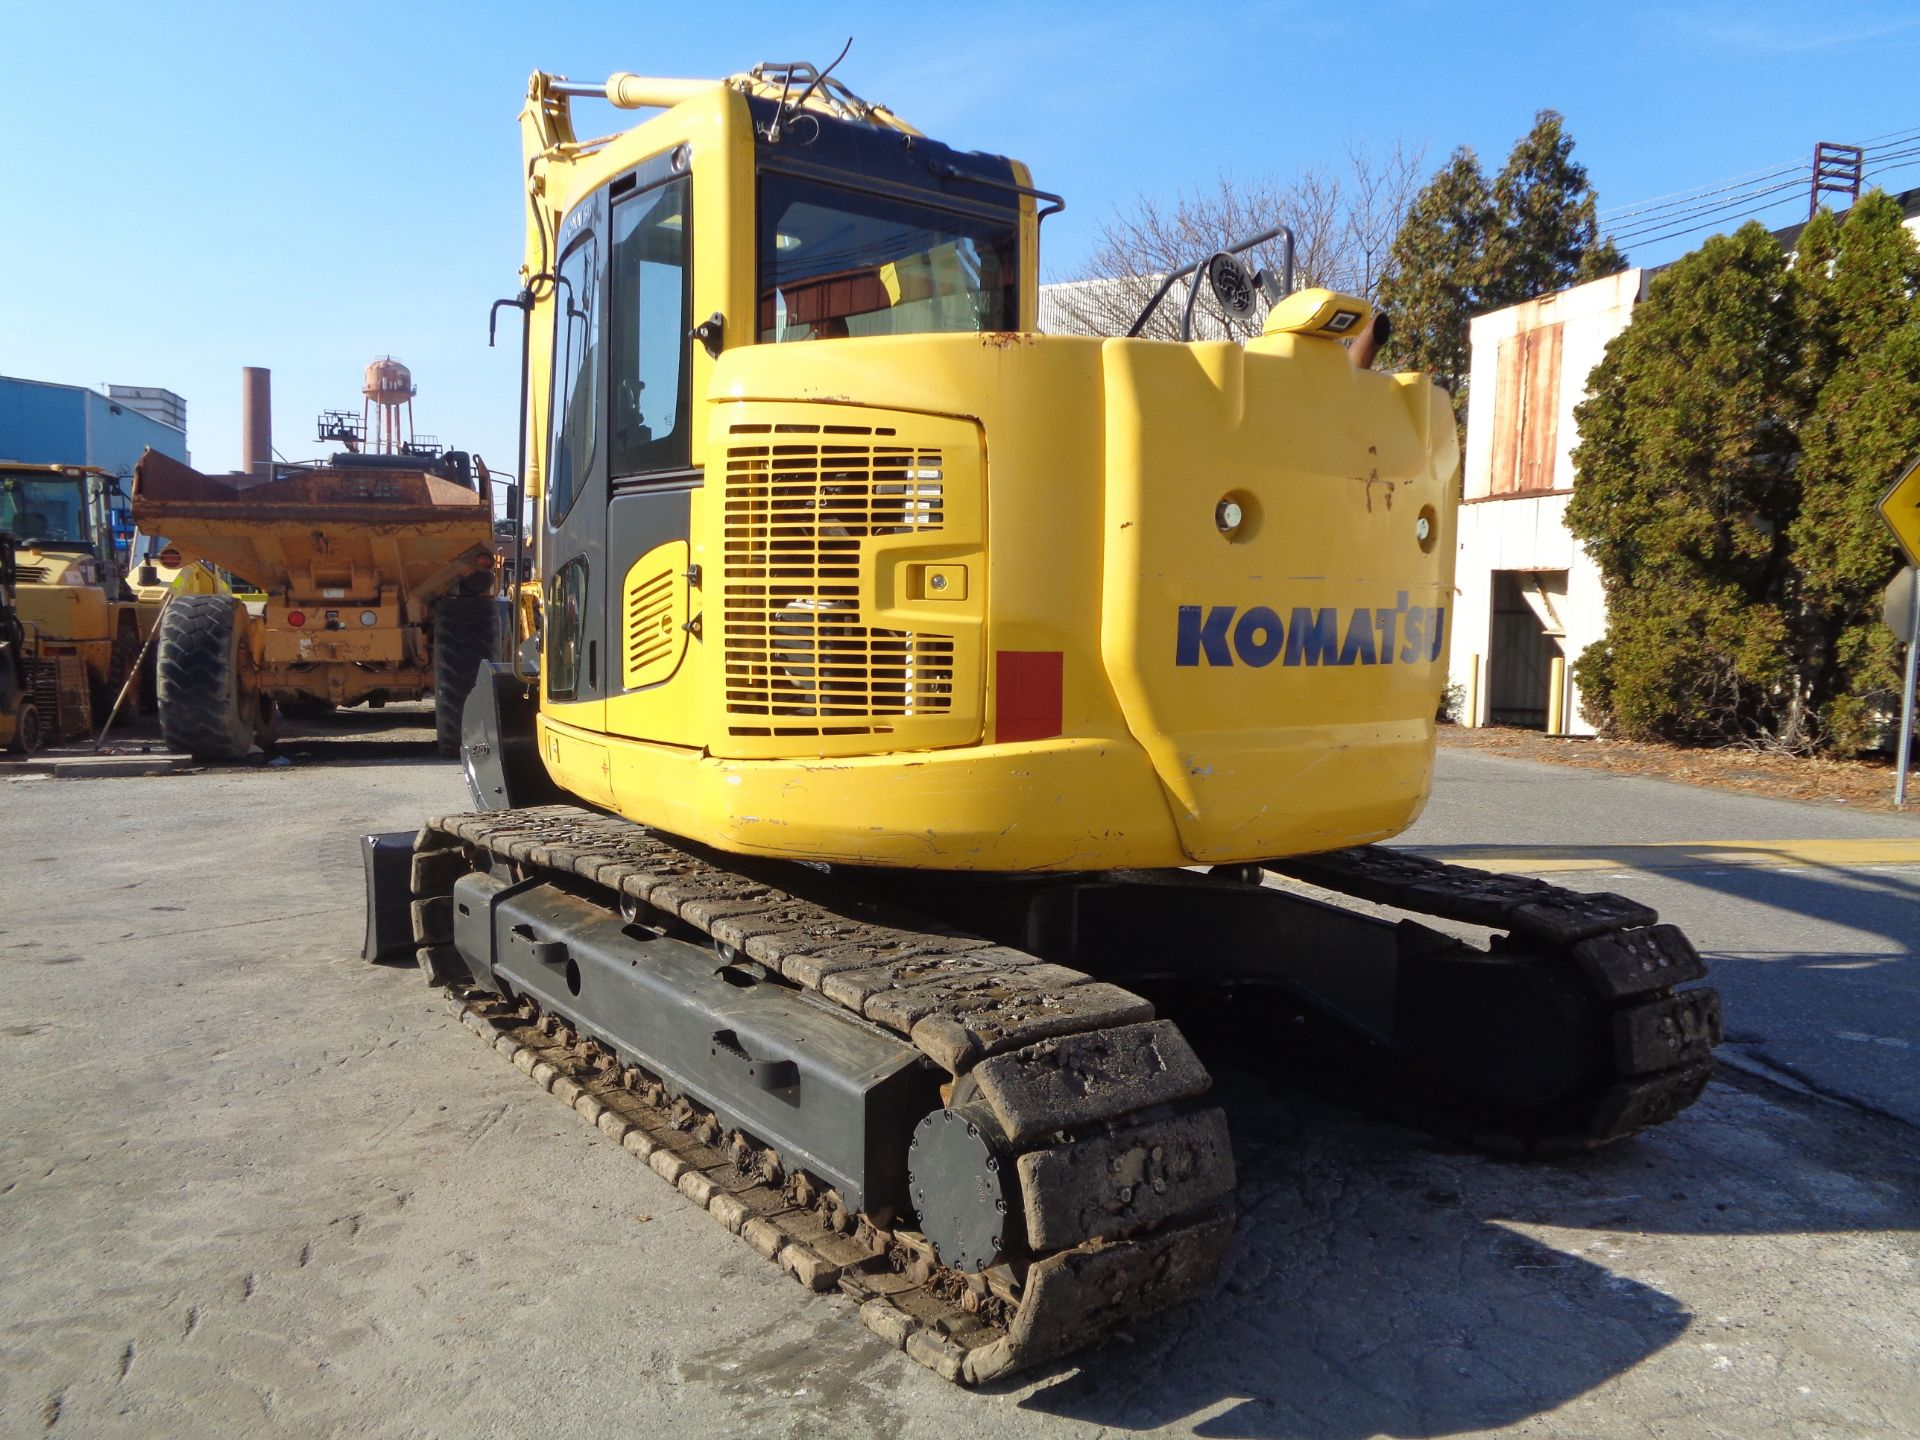 Lot 22 - 2015 Komatsu PC138USLC-10 Hydraulic Excavator